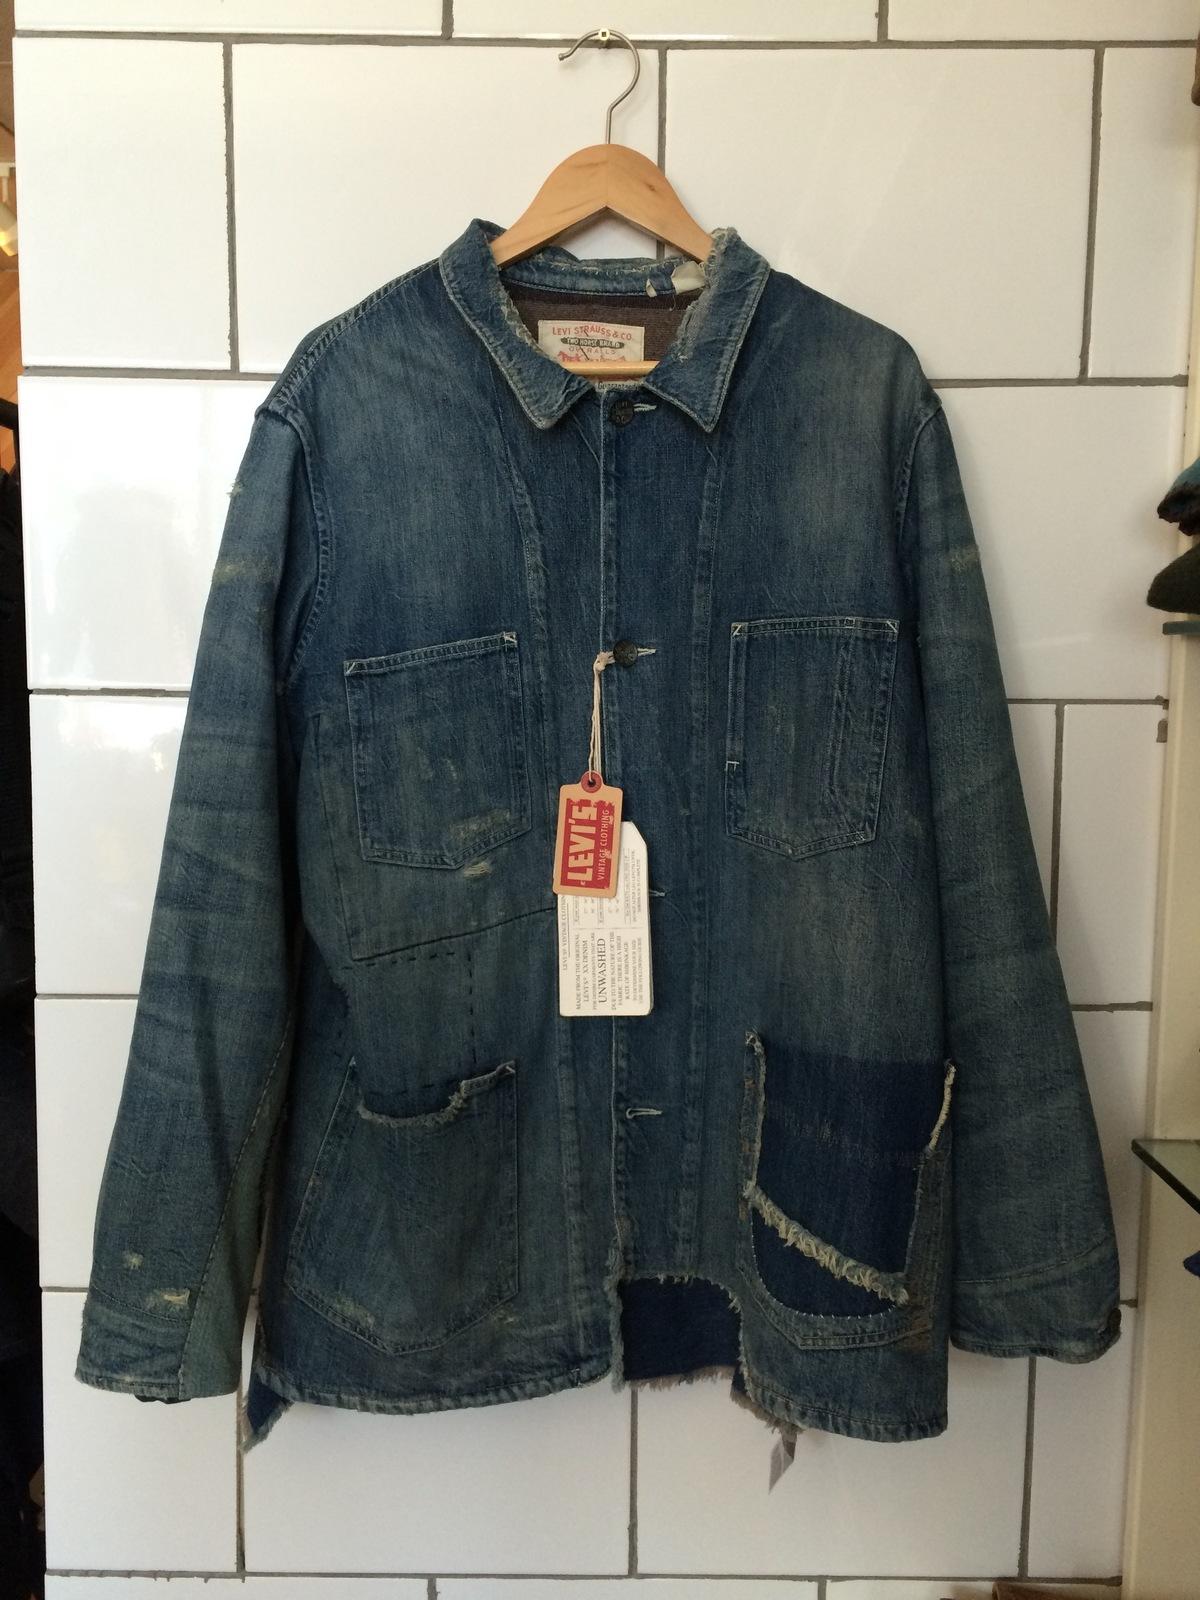 s levis vintage clothing 1915 blanket lined sack coat